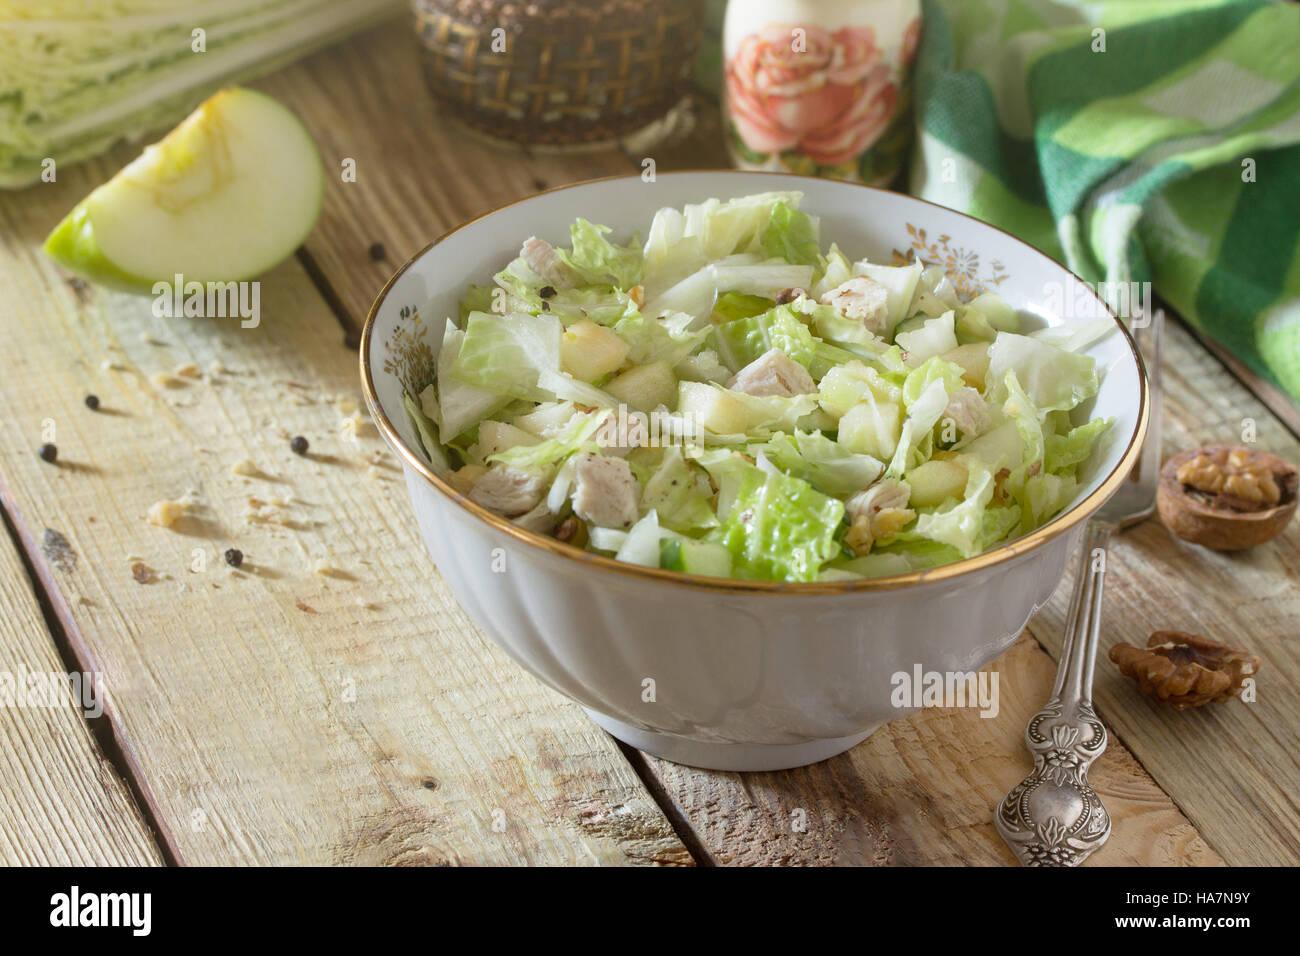 Salat mit Kohl, Huhn, Apfel, Gurke und Walnüsse. Gesunde Ernährung-Konzept. Ansicht von oben. Stockbild